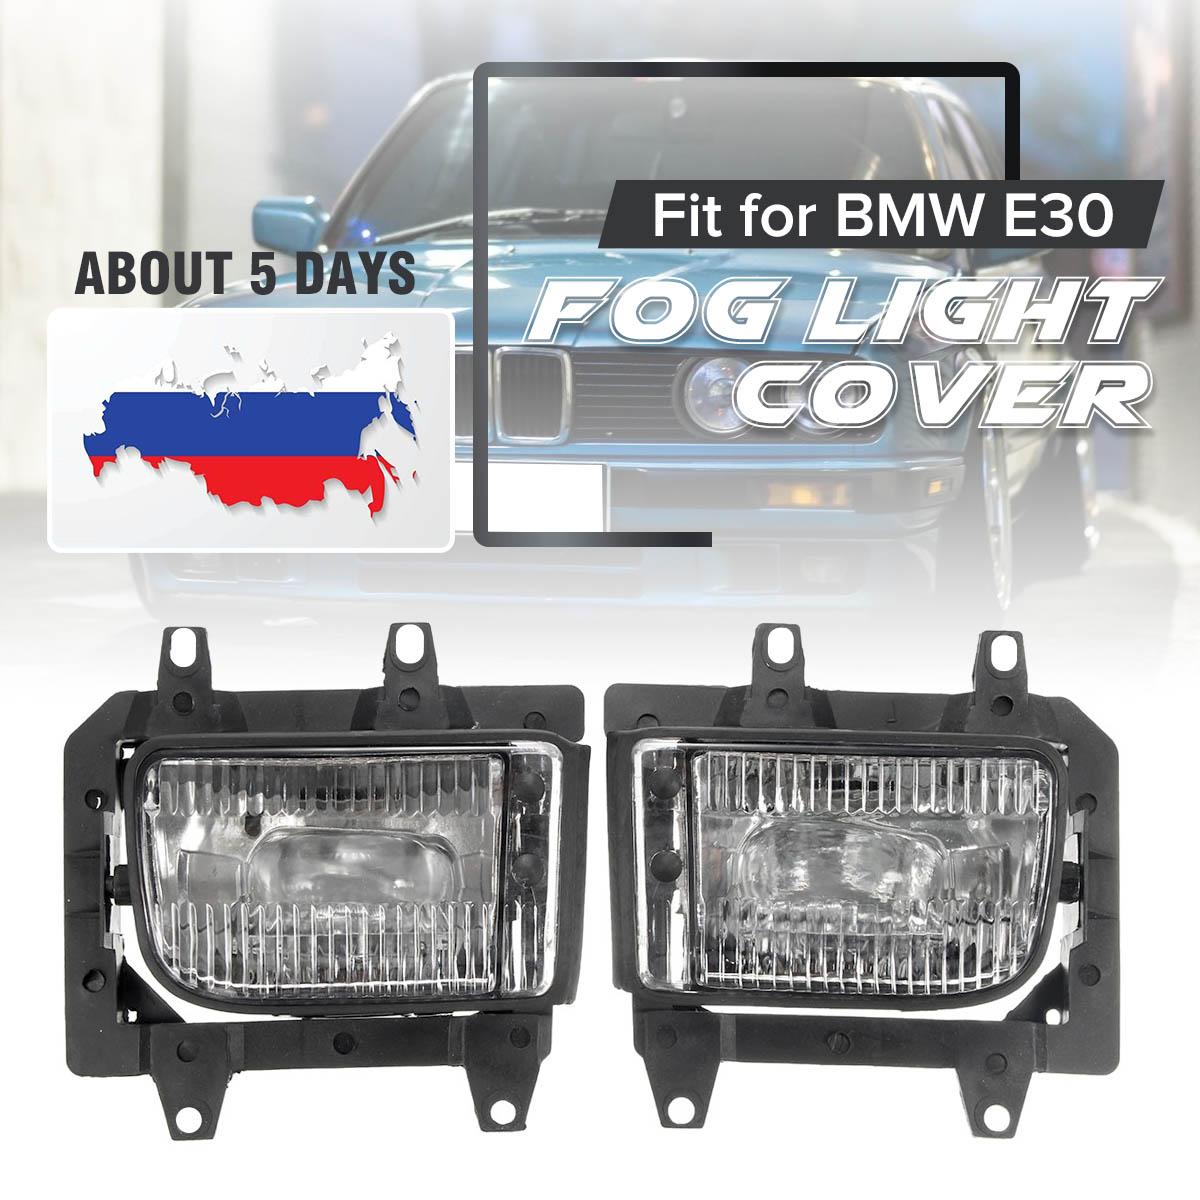 2 pièces pare-chocs avant cristal clair couvercle antibrouillard pour BMW E30 318i 318is 325i 325is